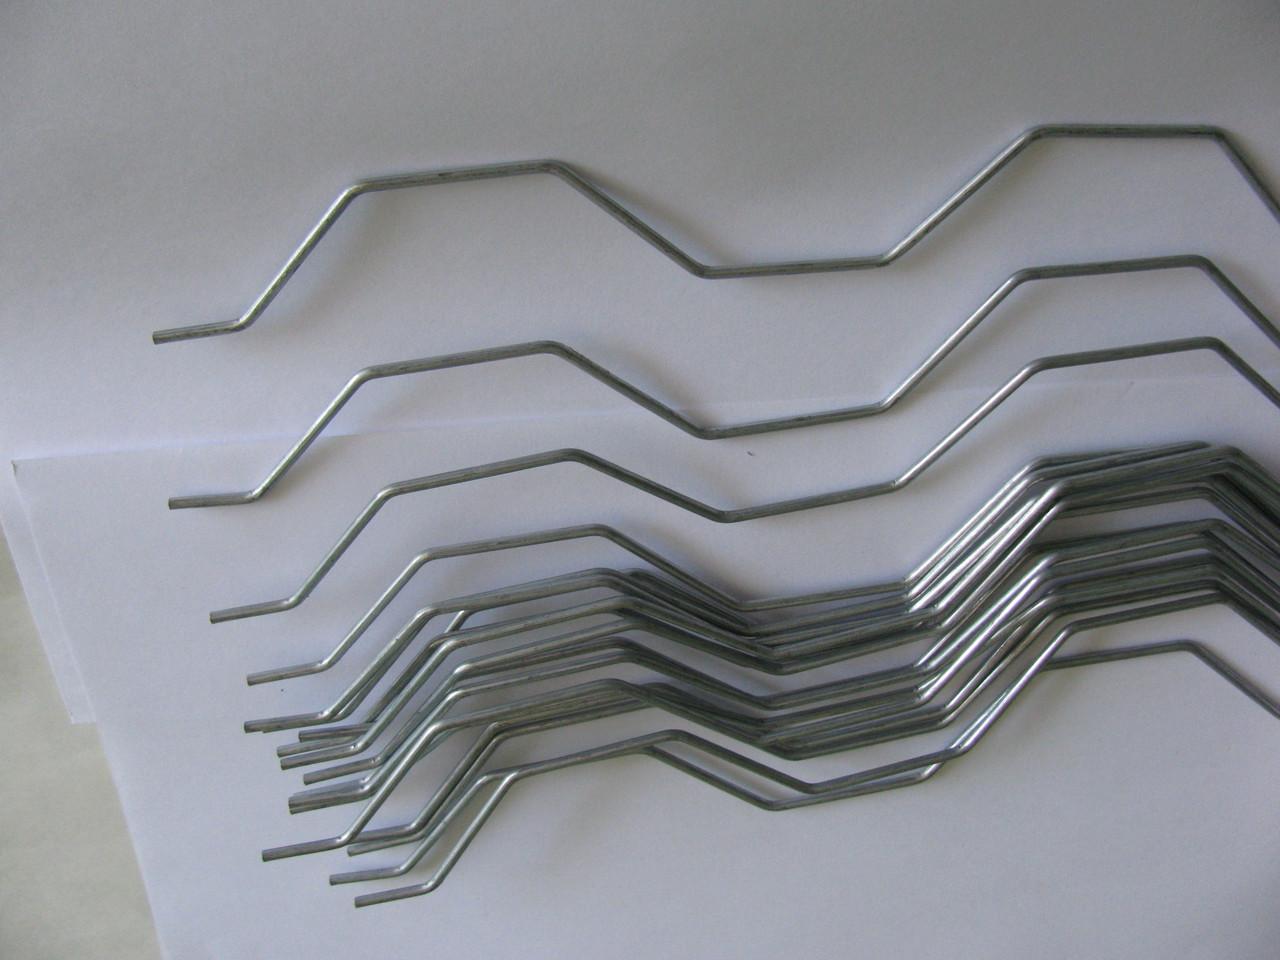 Дріт Екстра (пружина зигзаг) для комплектації профілю Зигзаг